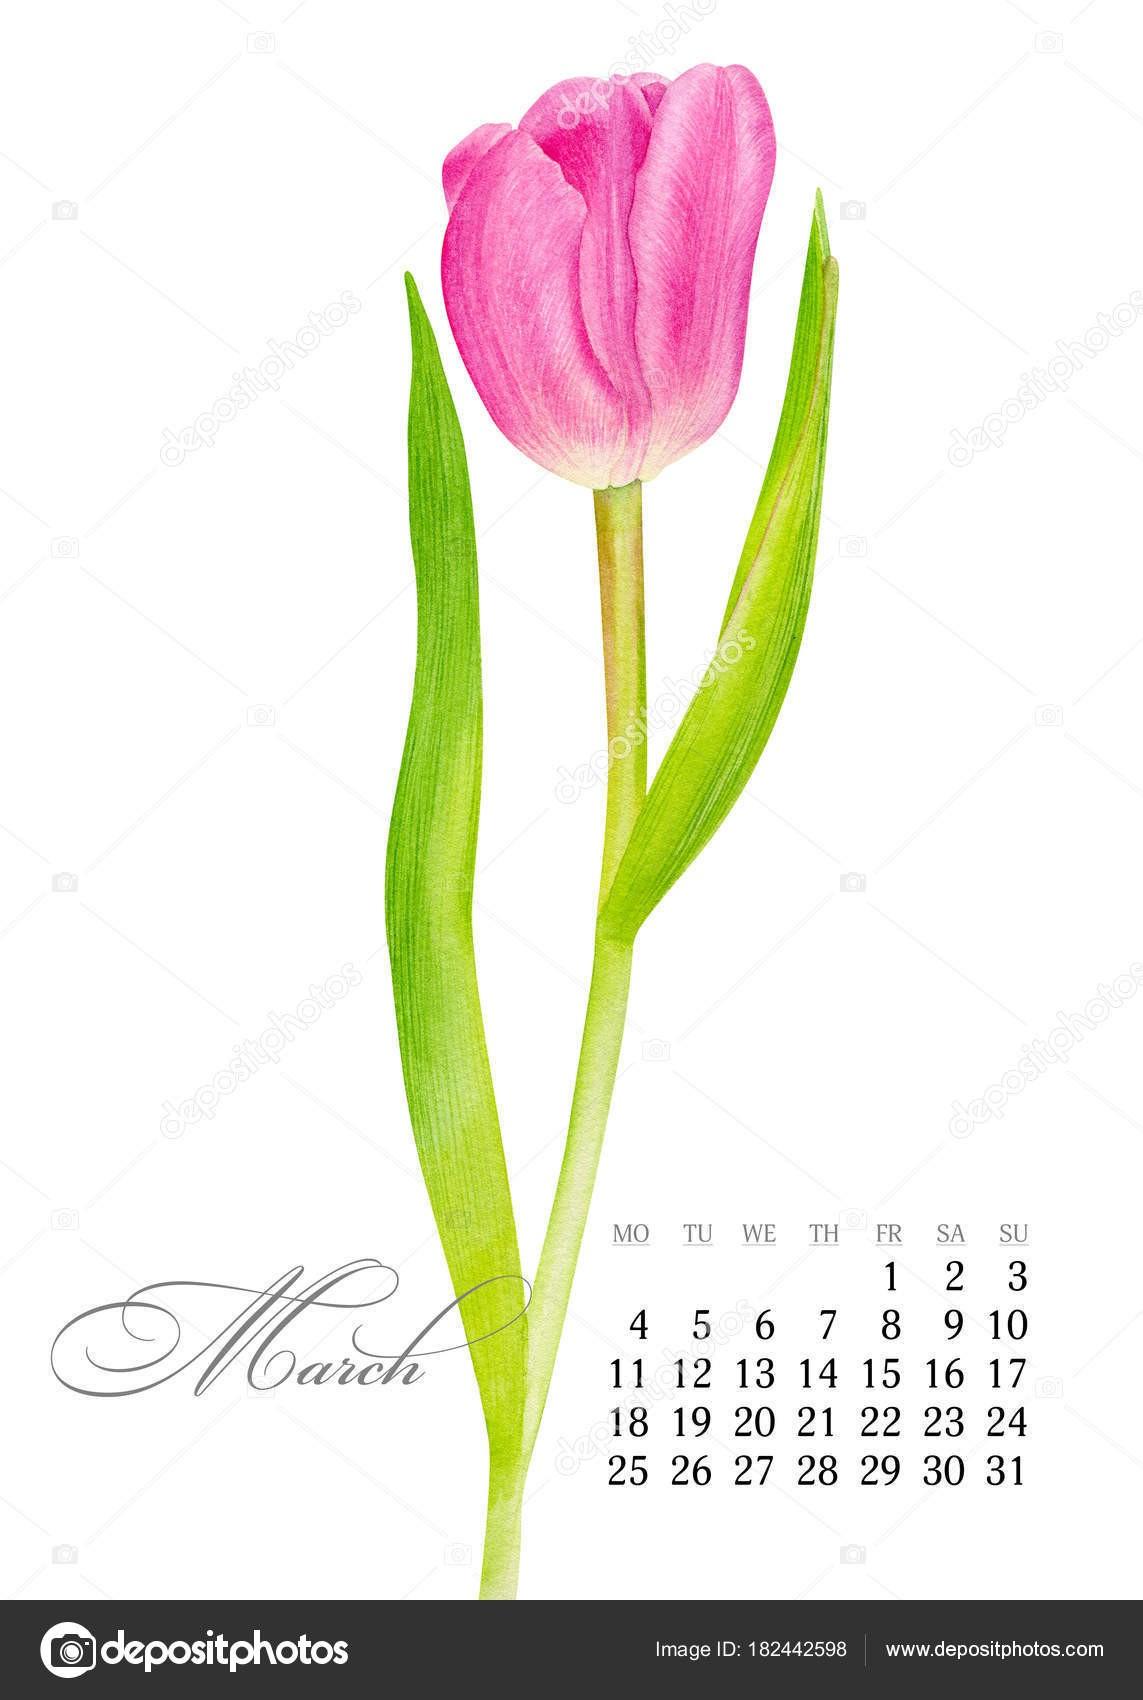 Calendário para impress£o elegante 2019 Mar§o Aquarela rosa Tulip Arte bot¢nica Modelo